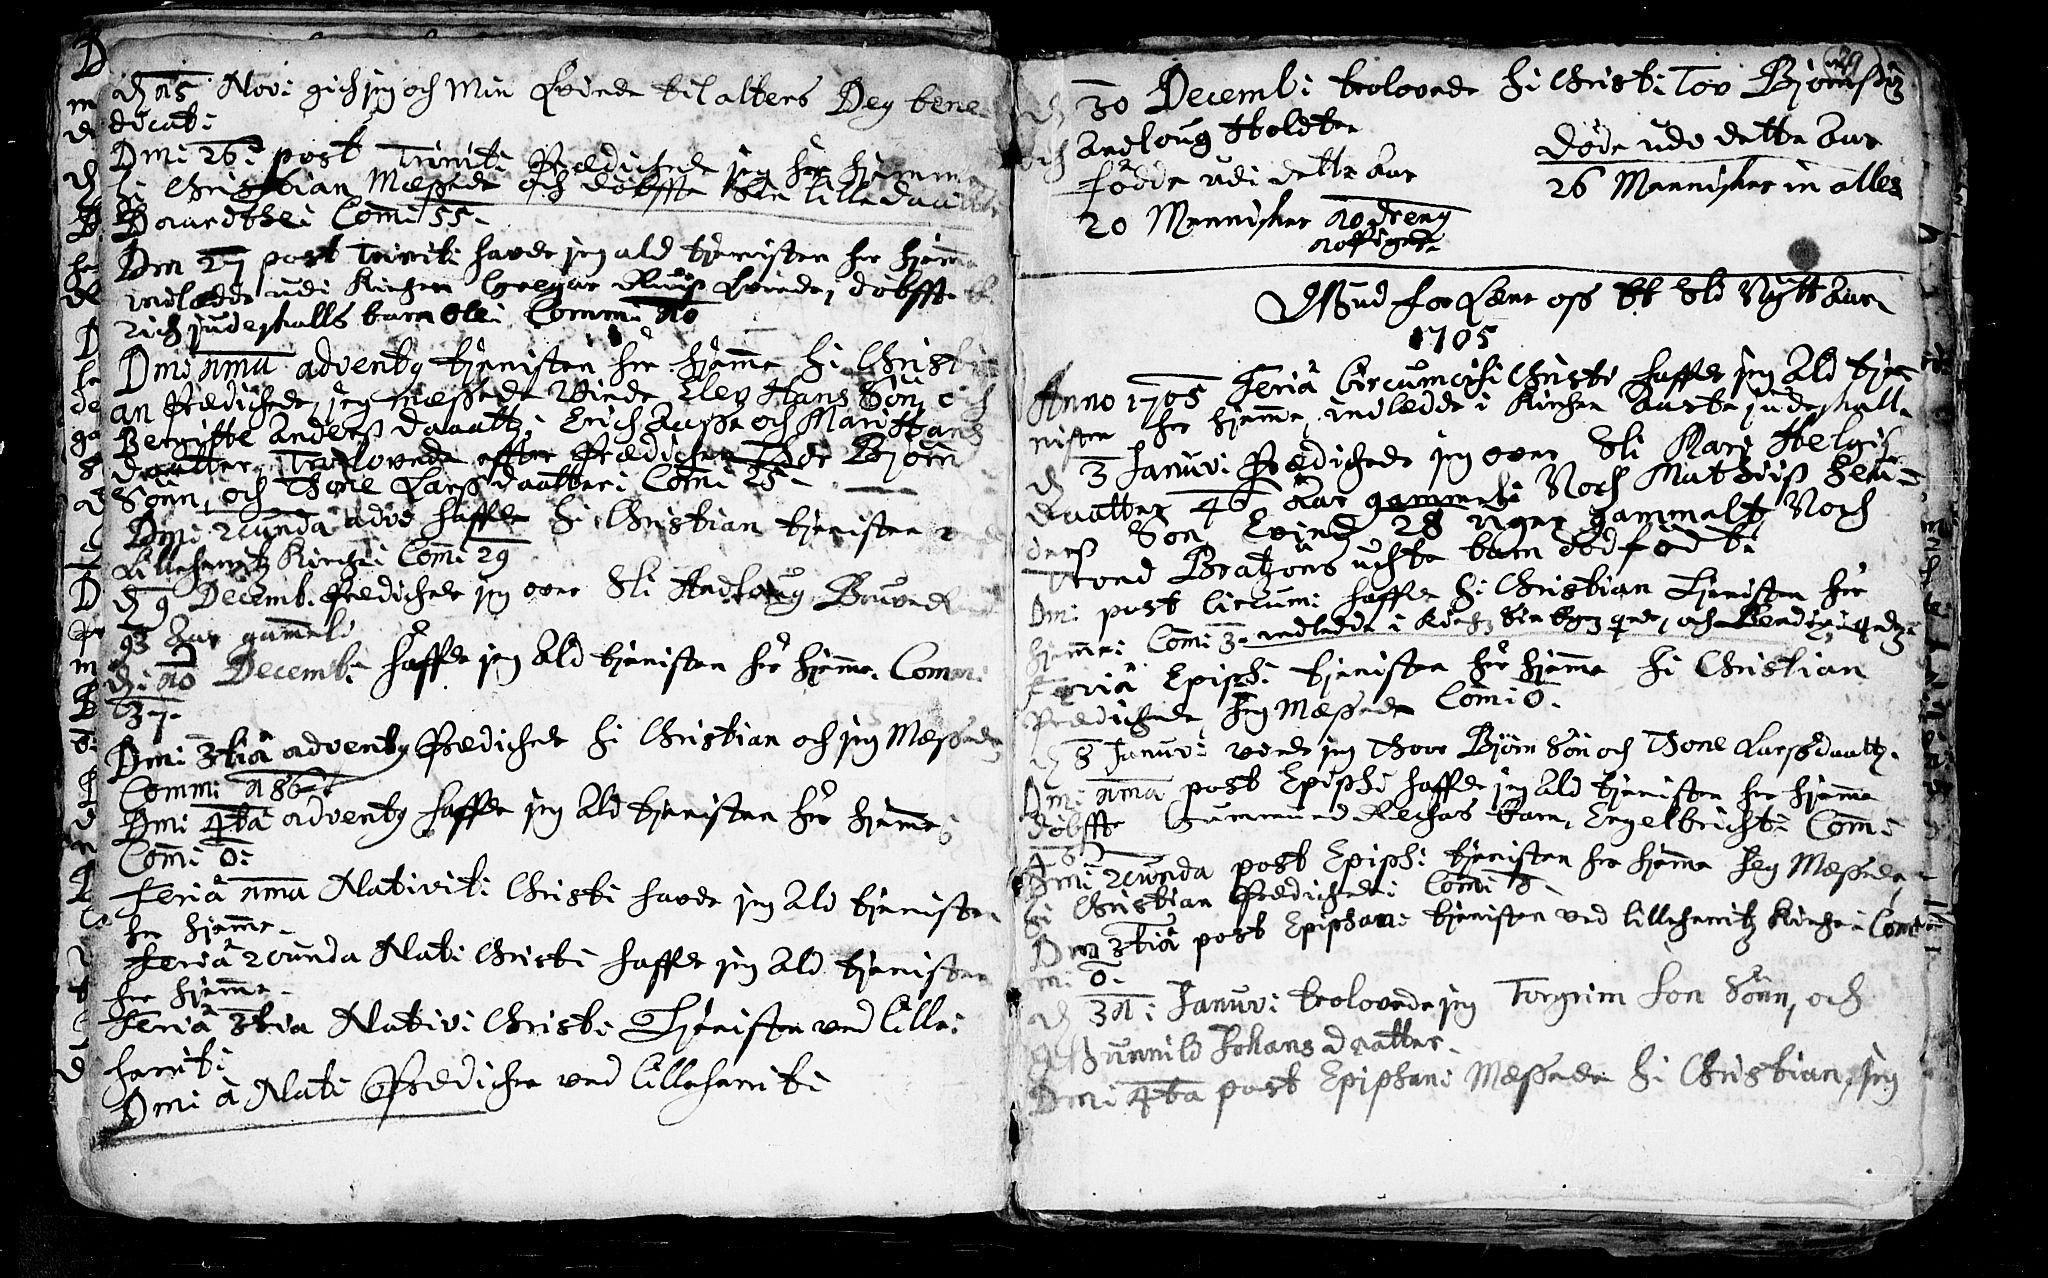 SAKO, Heddal kirkebøker, F/Fa/L0002: Ministerialbok nr. I 2, 1699-1722, s. 29